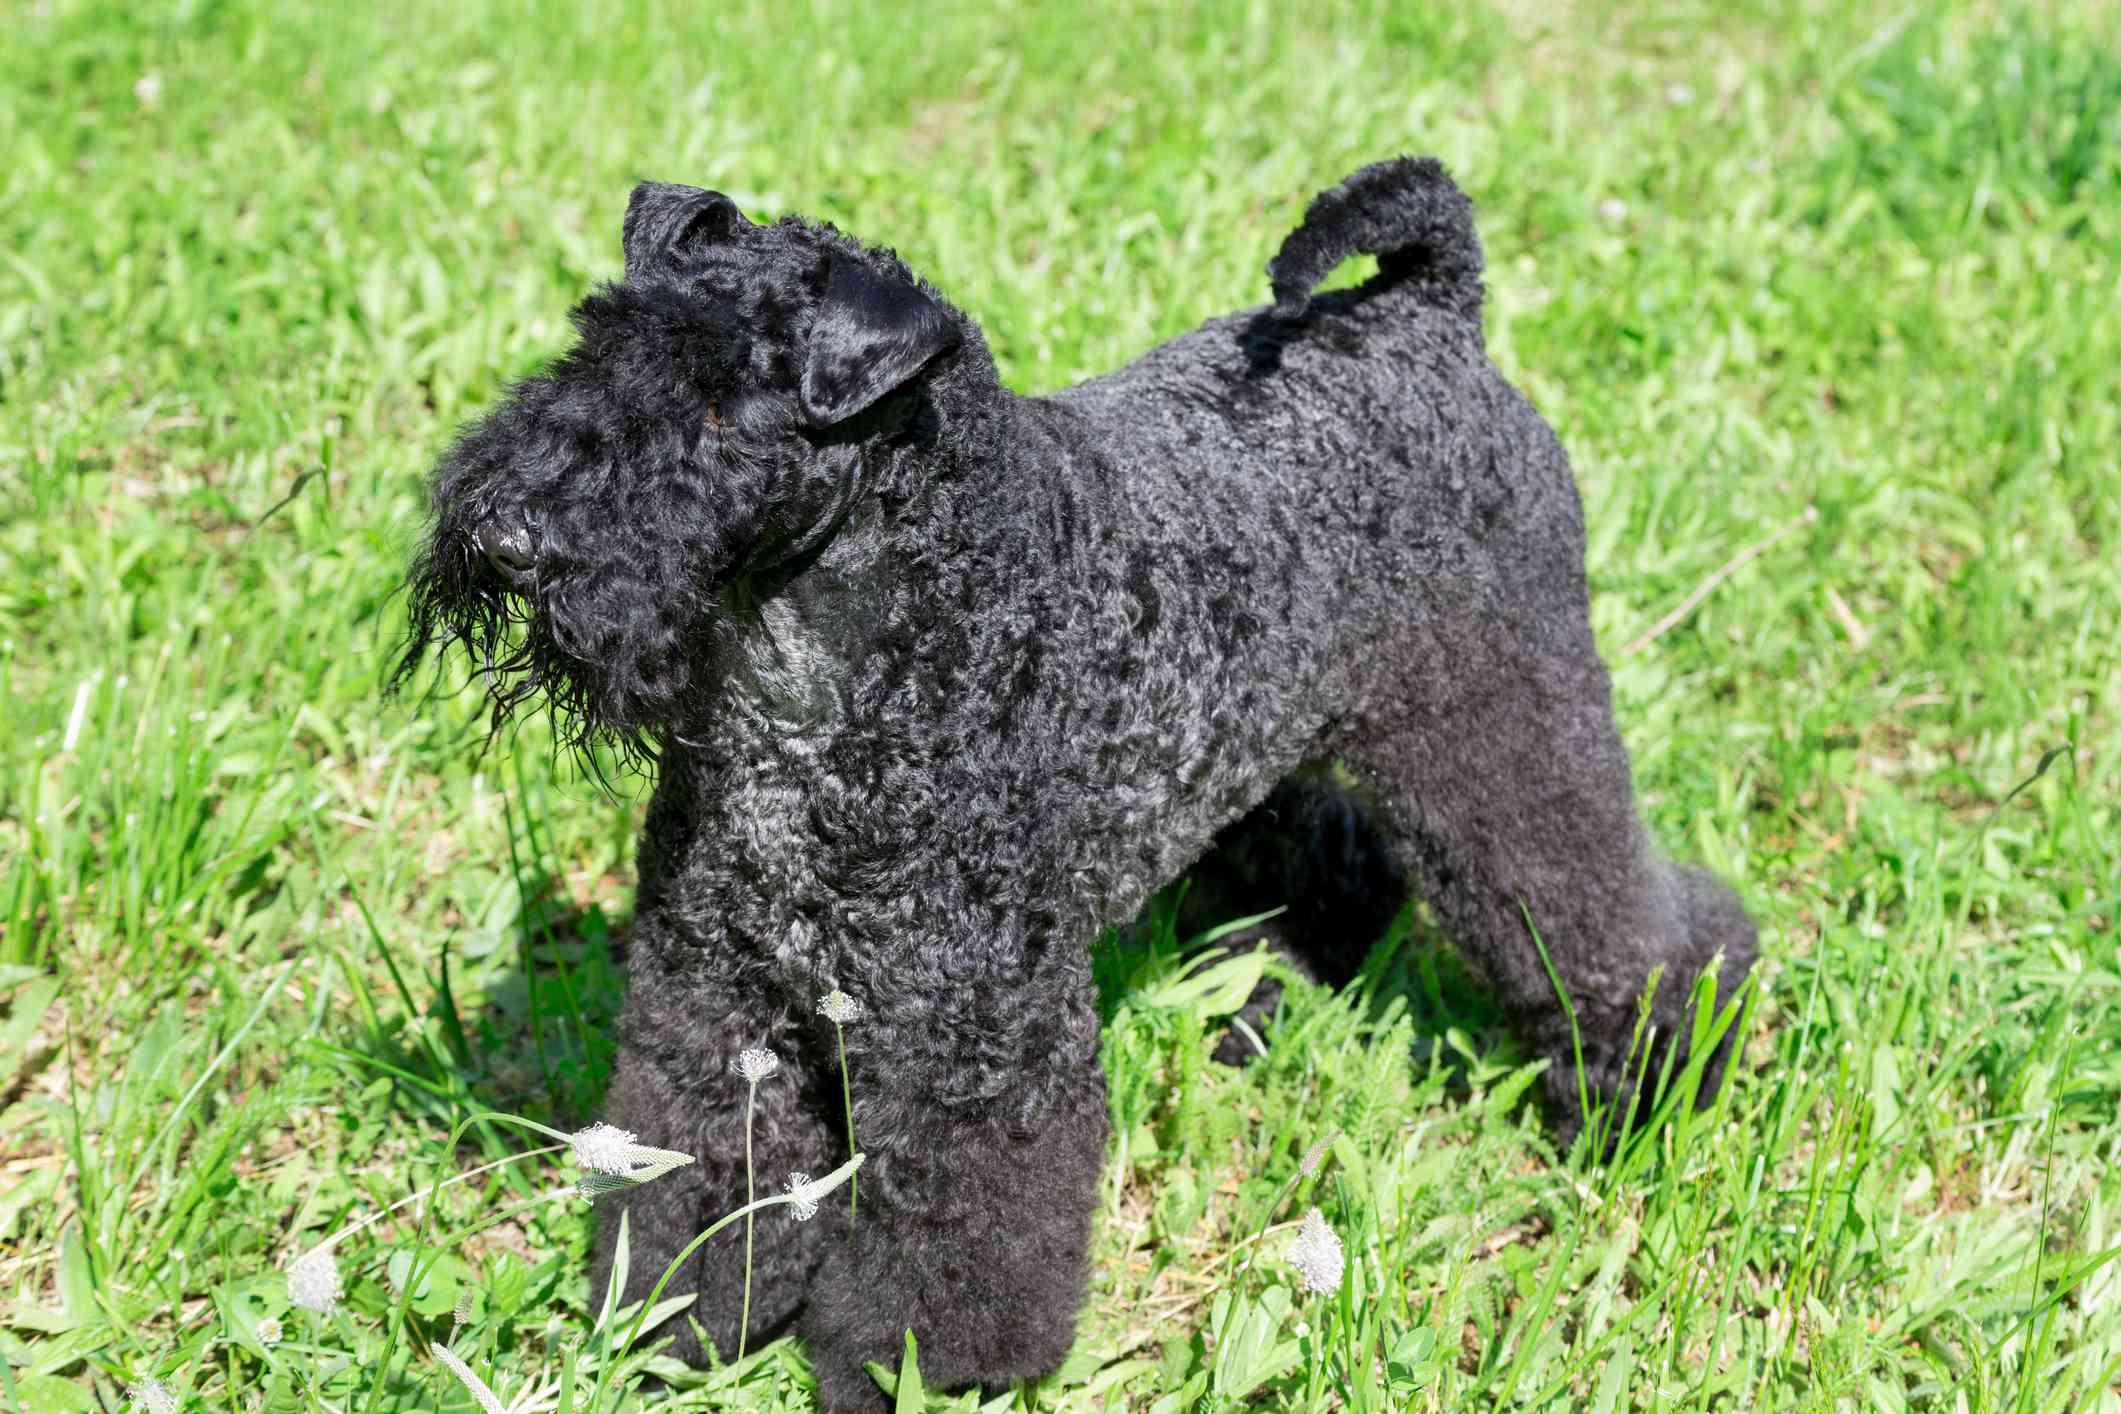 Kerry blue terrier standing in green grass